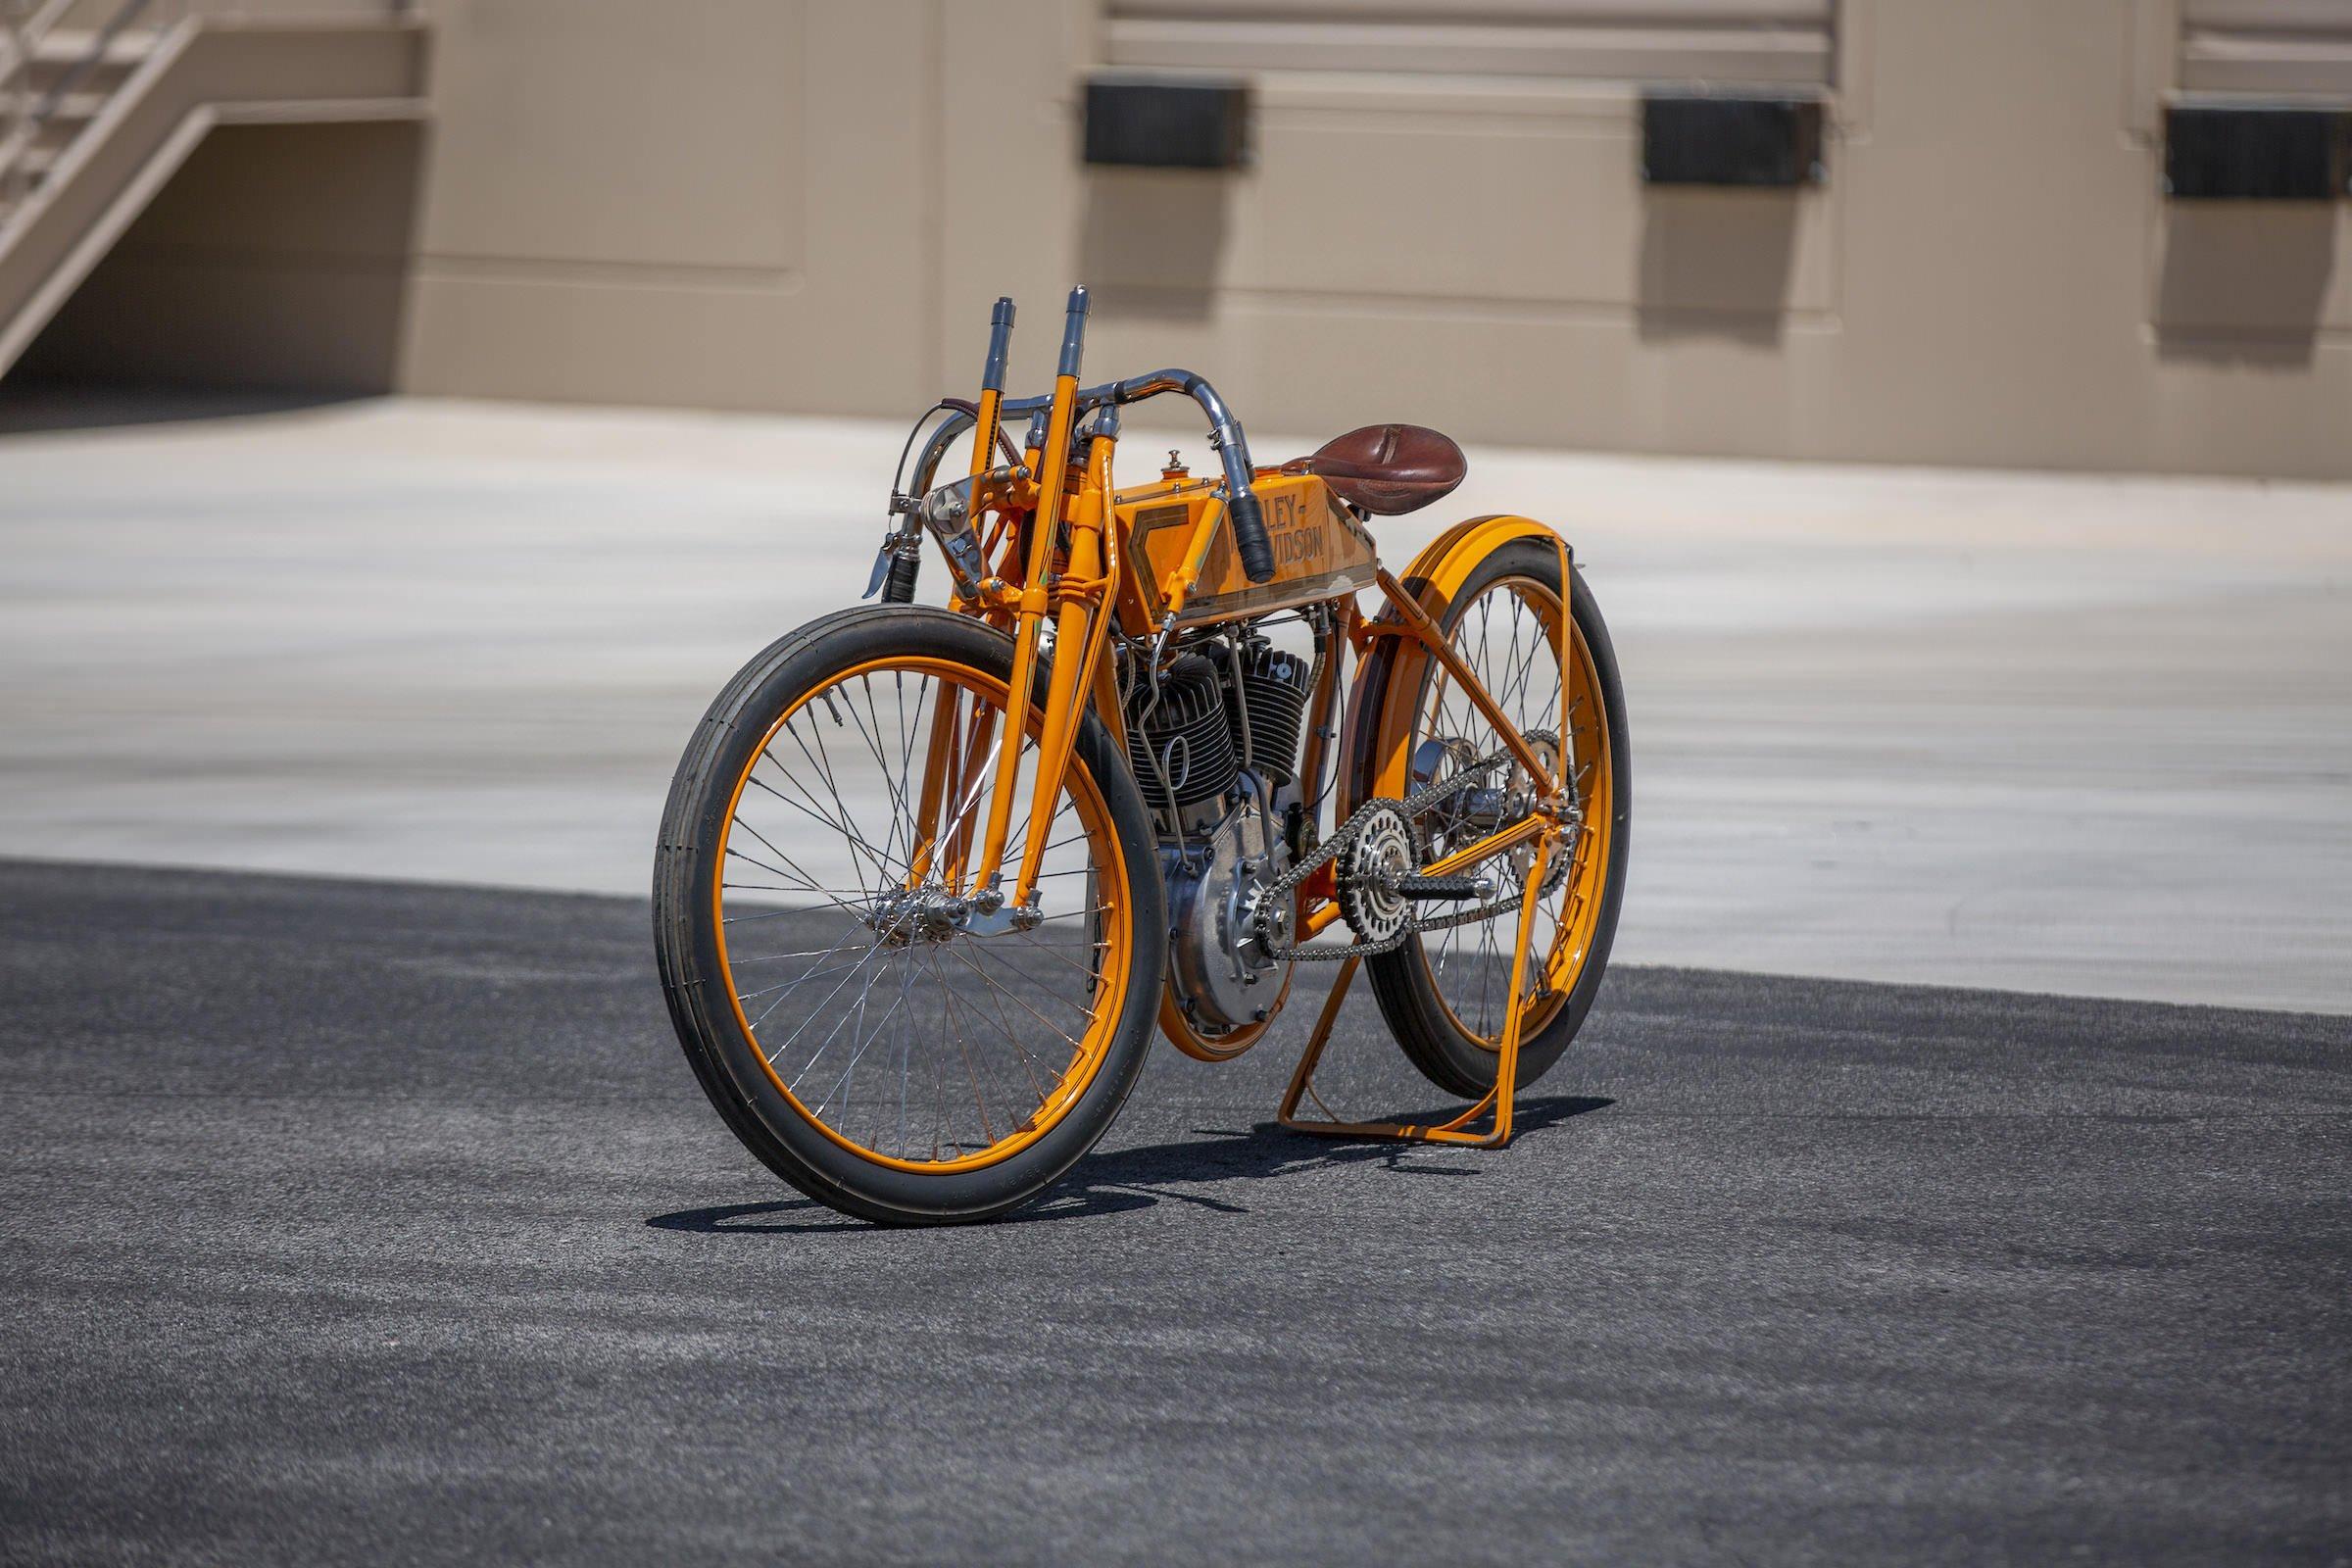 Harley Davidson: Harley-Davidson's First Purpose-Built V-Twin Racer